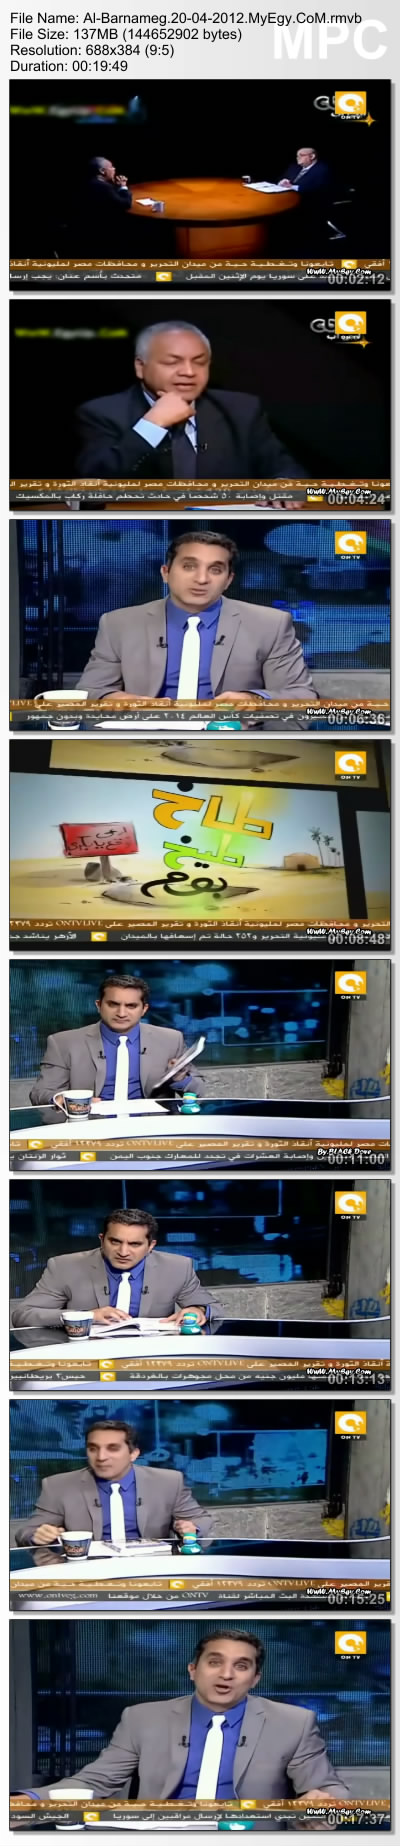 """البرنامج السياسي الساخر """" الـبرنامج """"حلقة 20/04/2012 310thumbs20120420230546"""